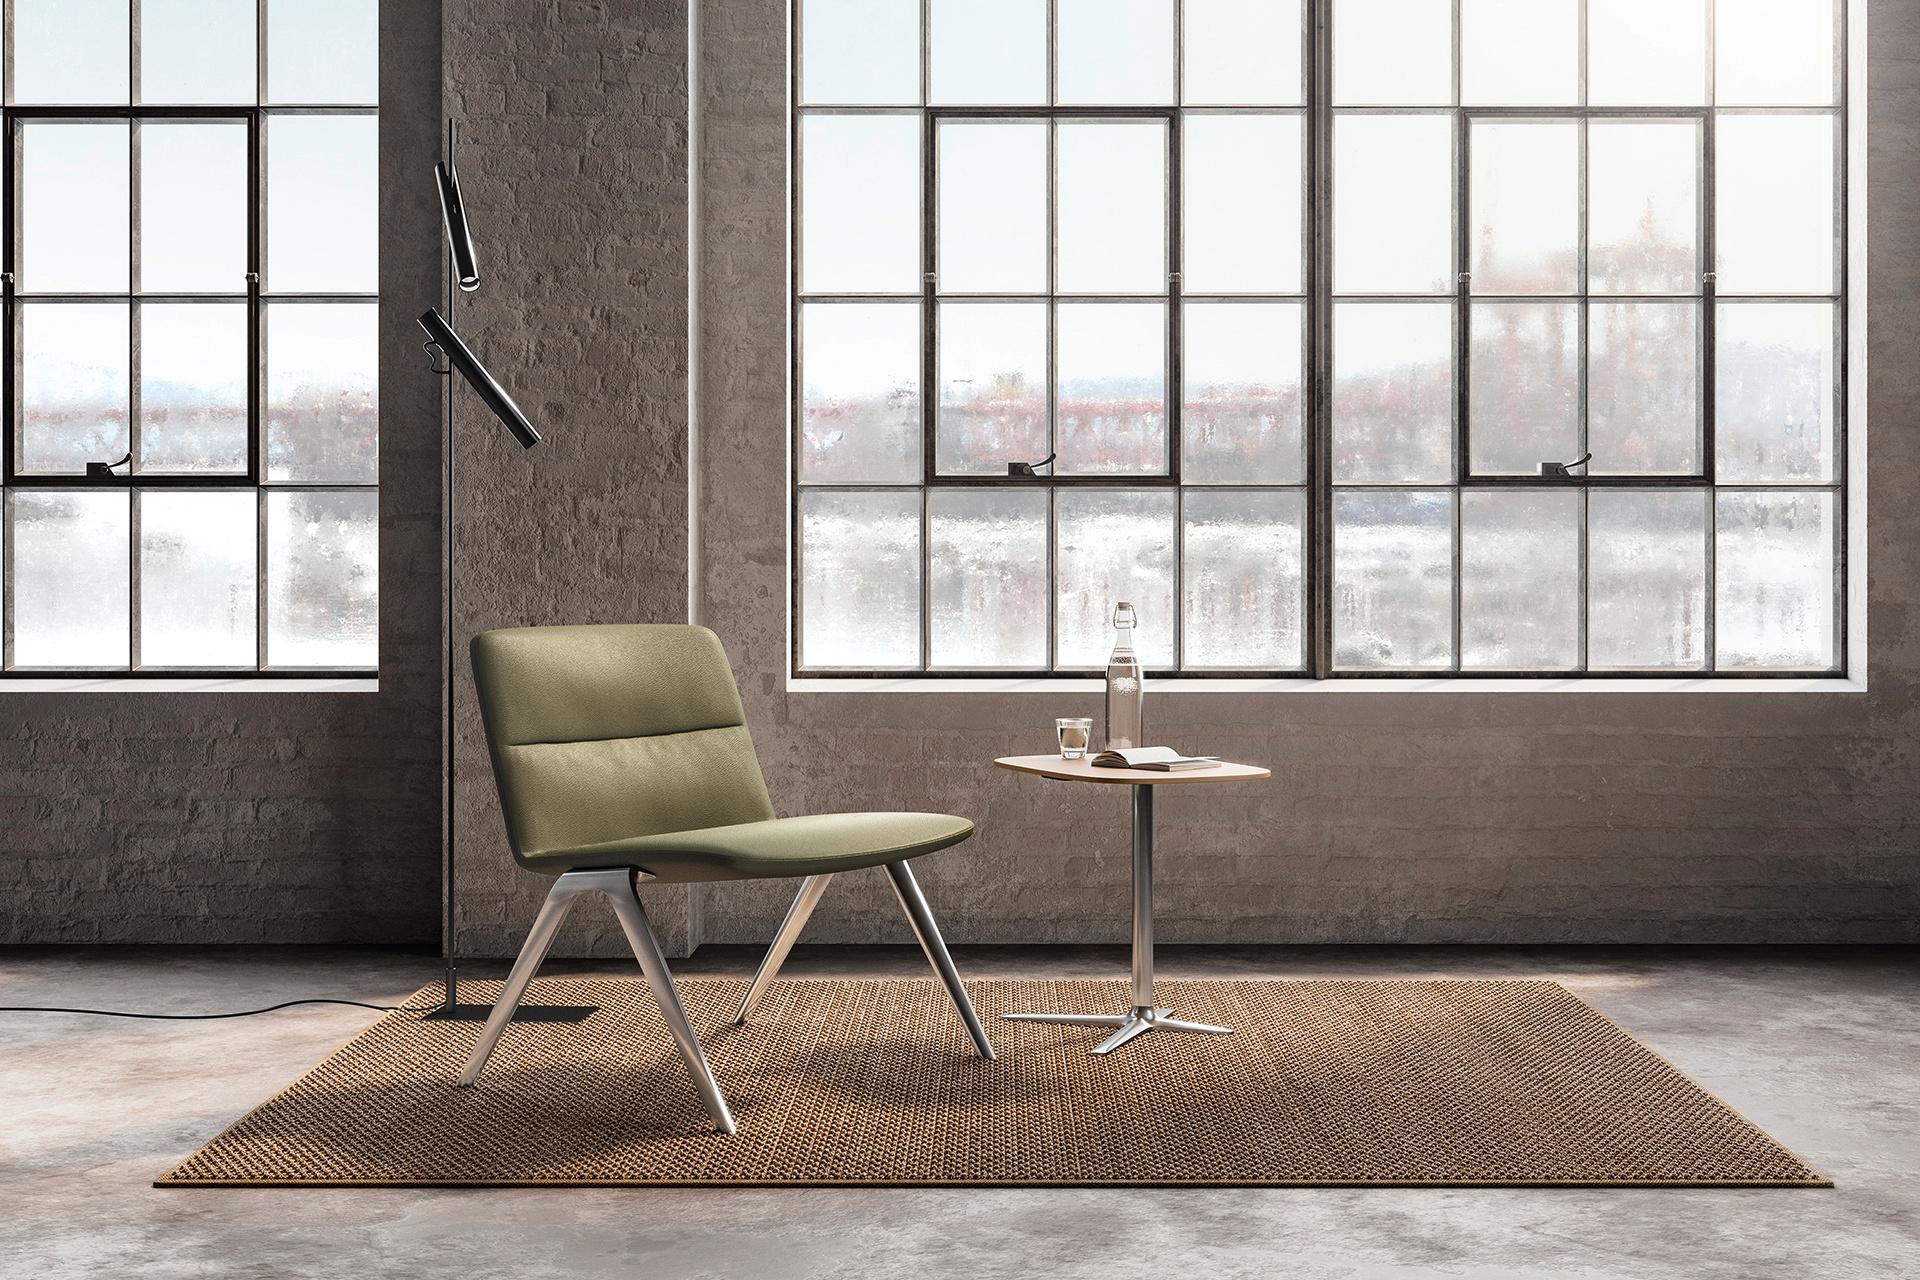 Prisvindende møbelserie skabt af designduoen Jehs+Laub